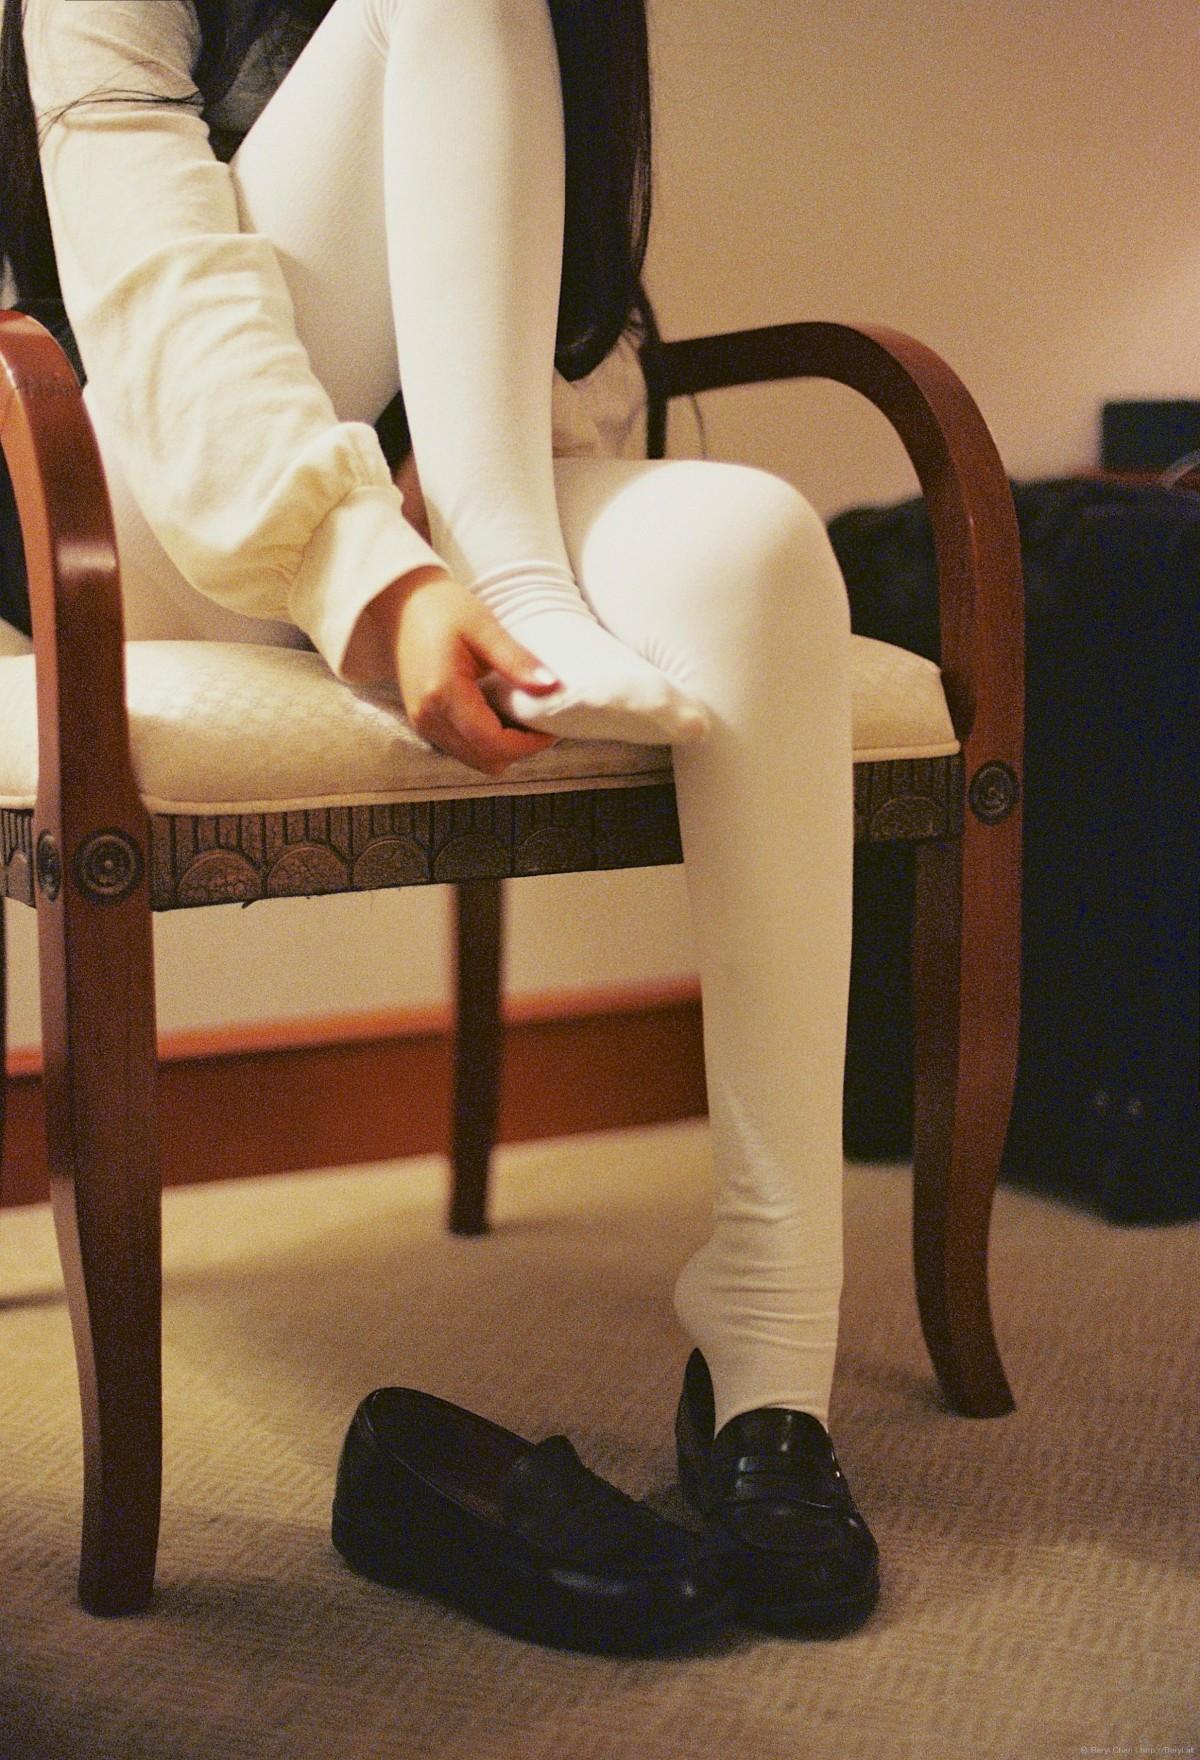 Free Images  Girl, Leg, Sitting, Clothing, Classroom -7853